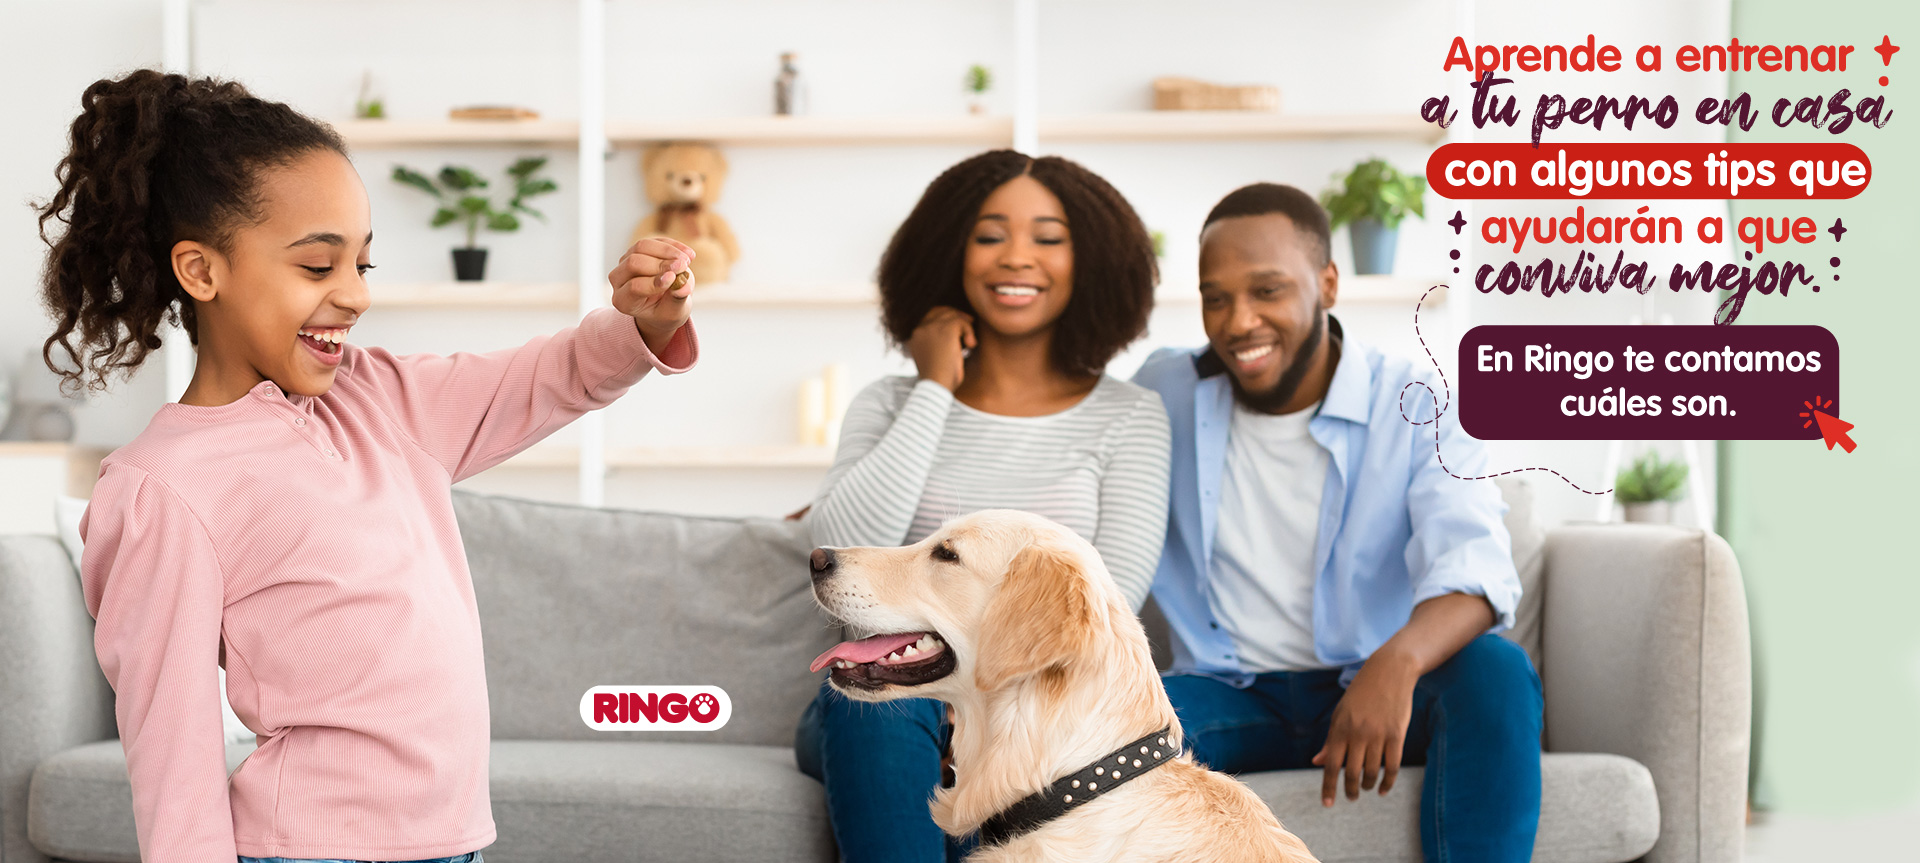 Consejos para entrenar a tu perro en casa